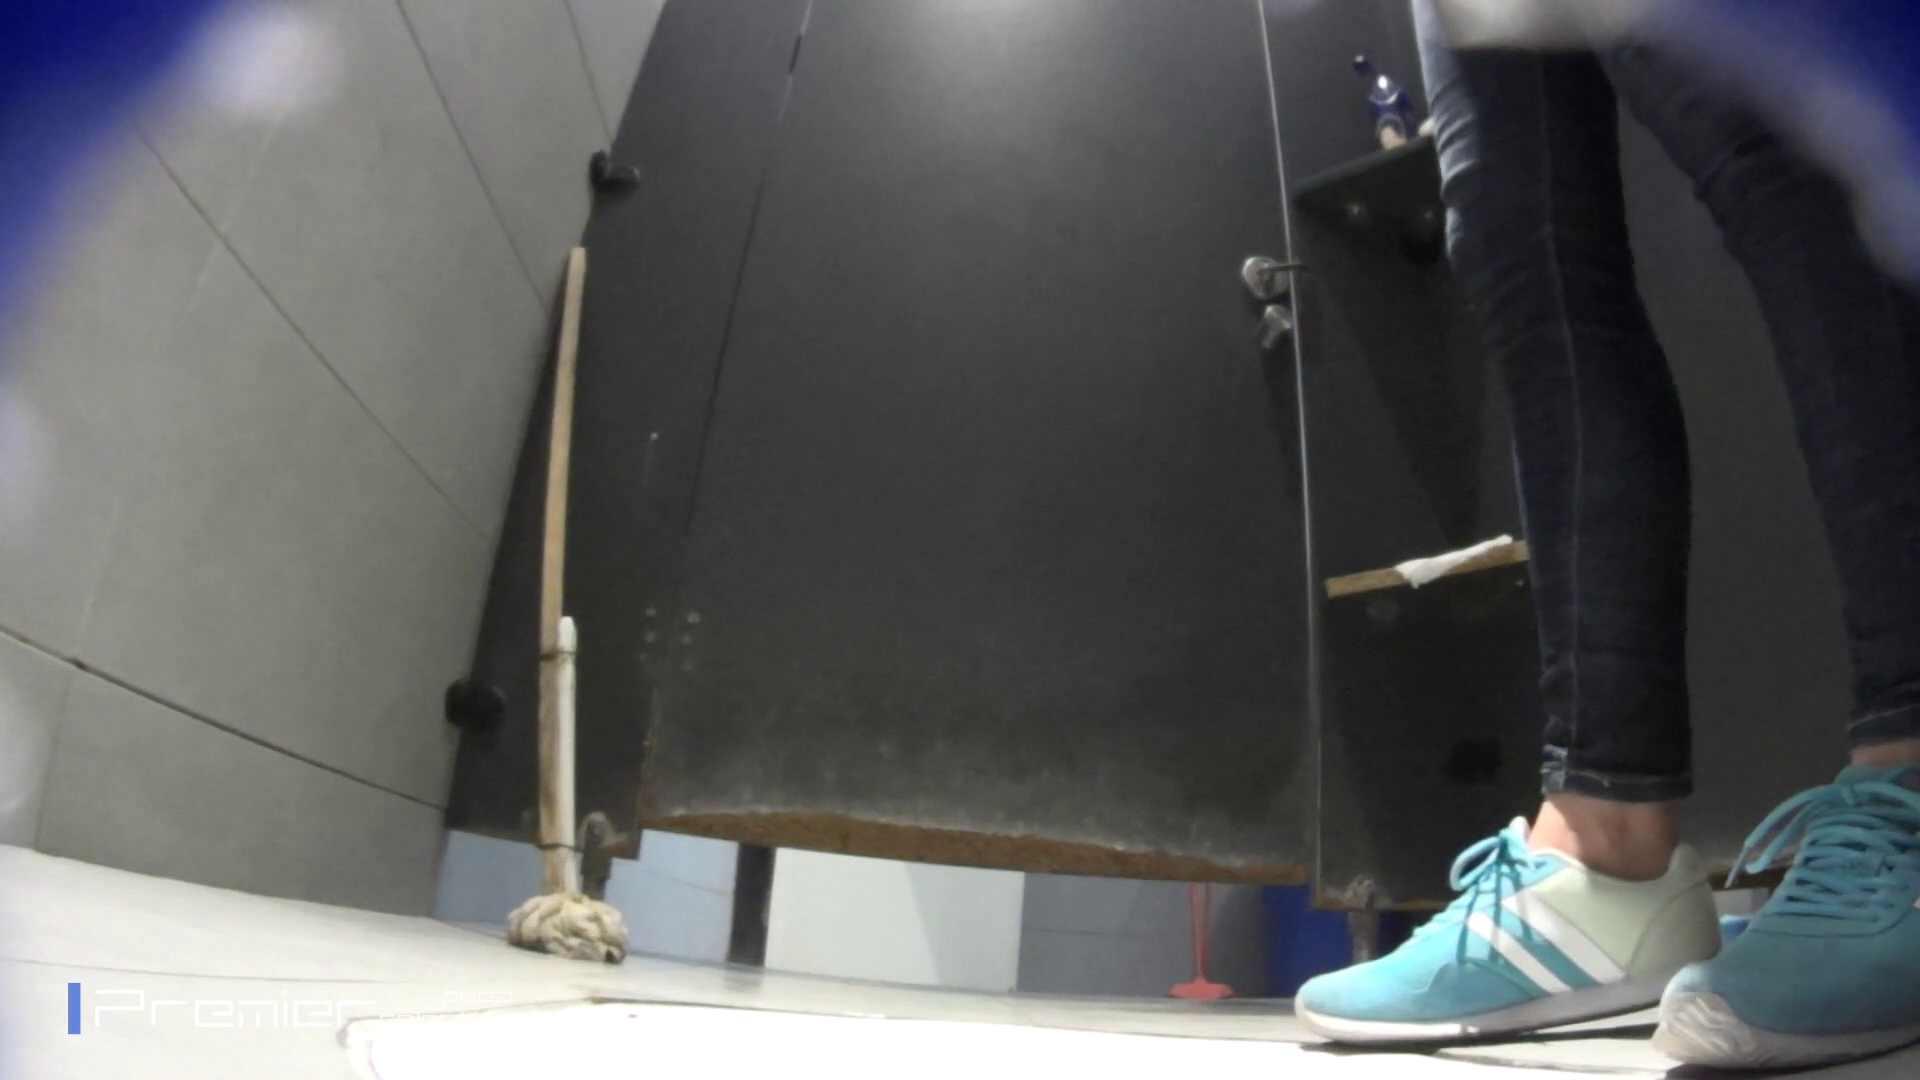 ゆっくりと大に勤しむ乙女 大学休憩時間の洗面所事情84 盗撮編 濡れ場動画紹介 111枚 27